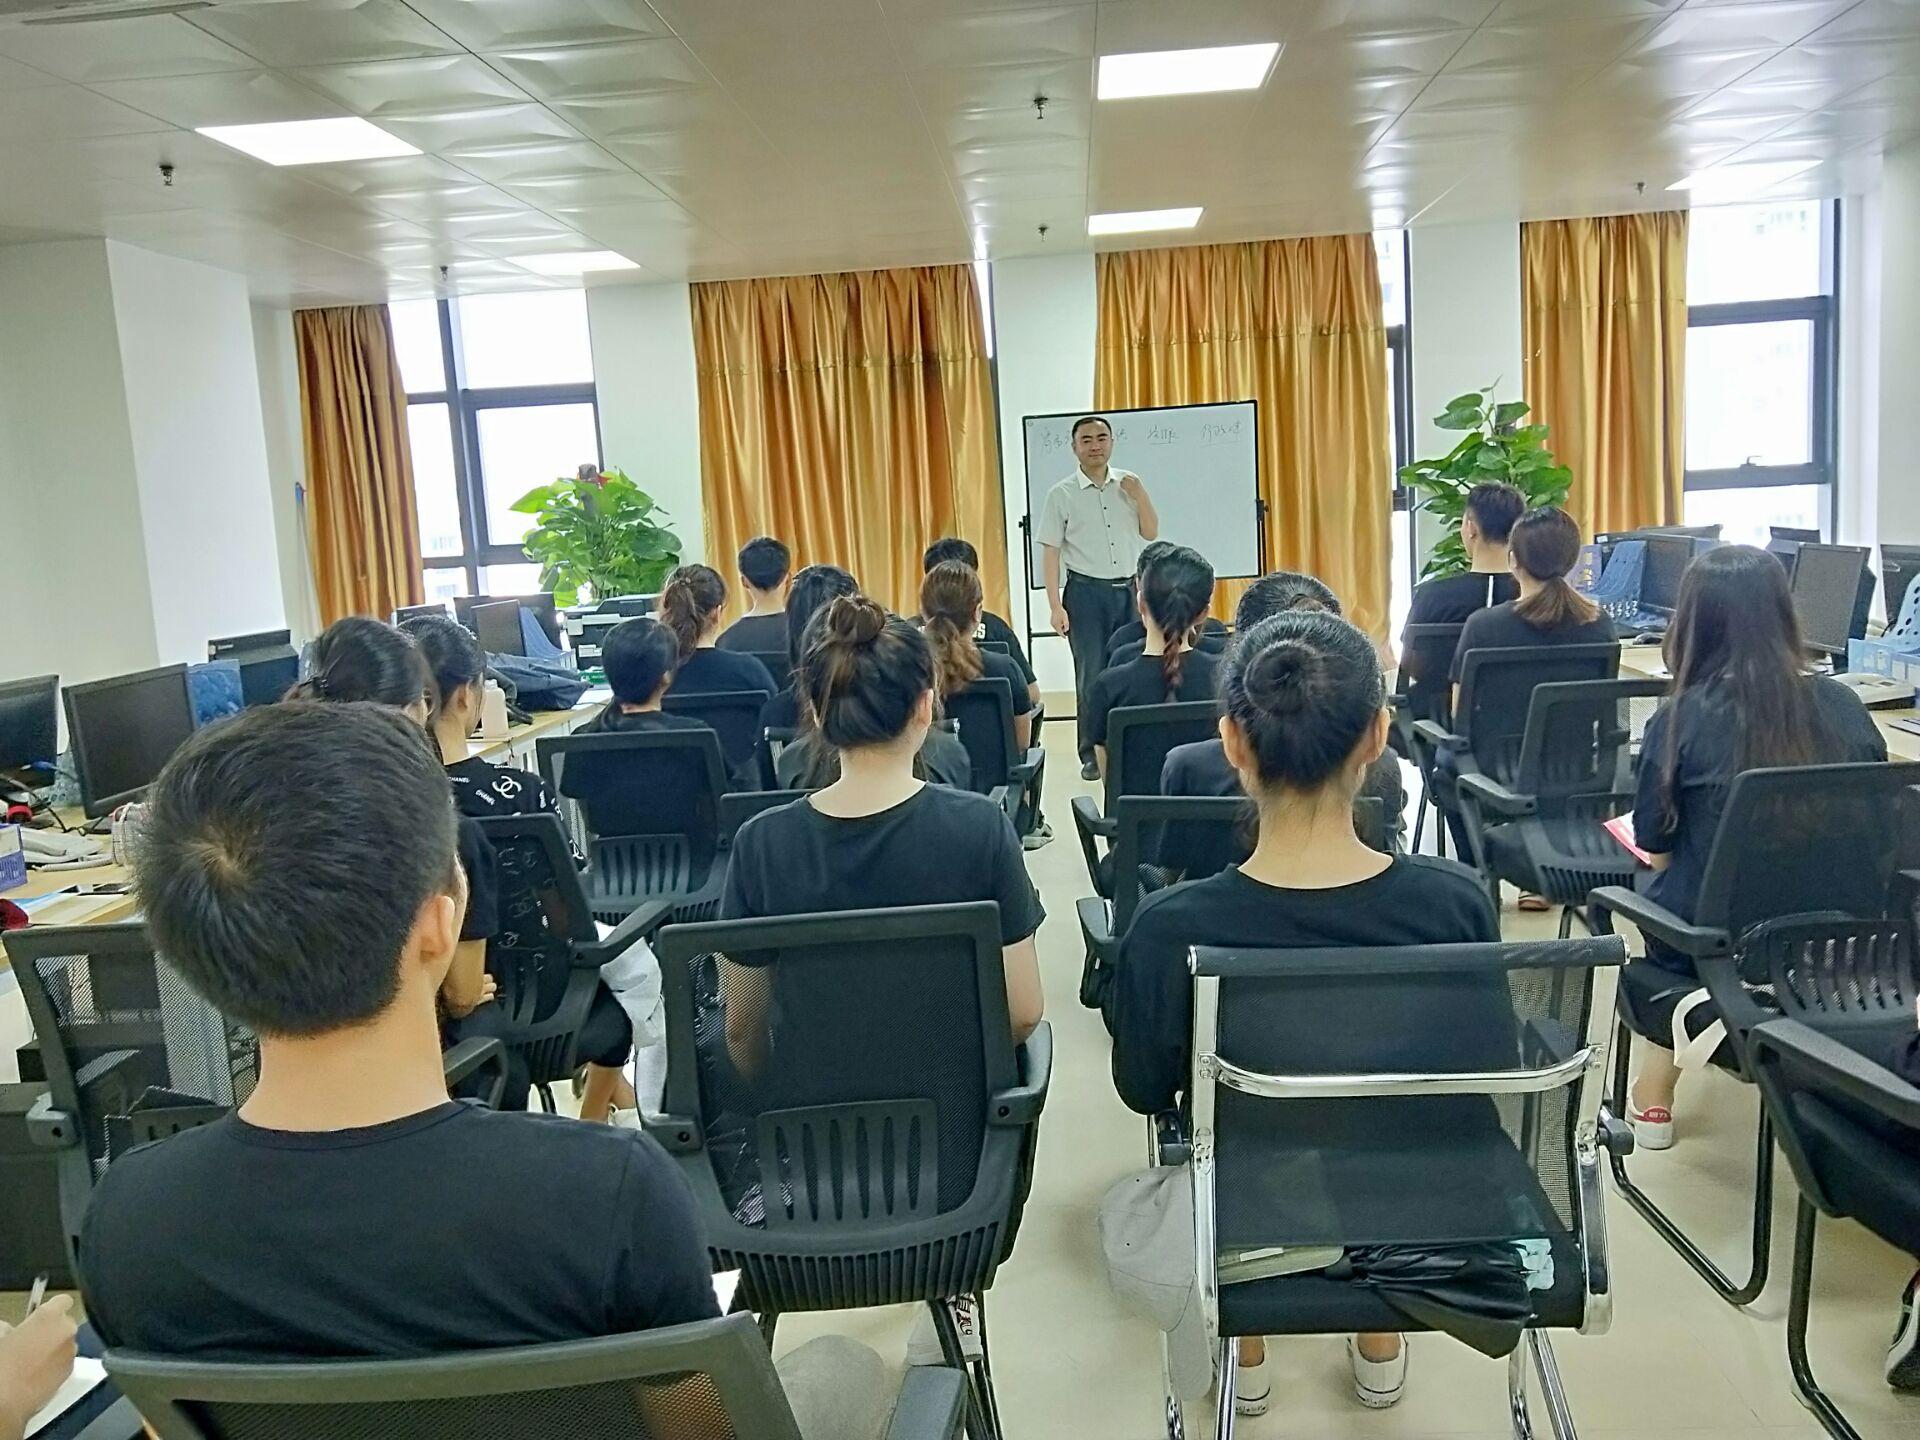 江苏中热机械设备有限公司宣讲会